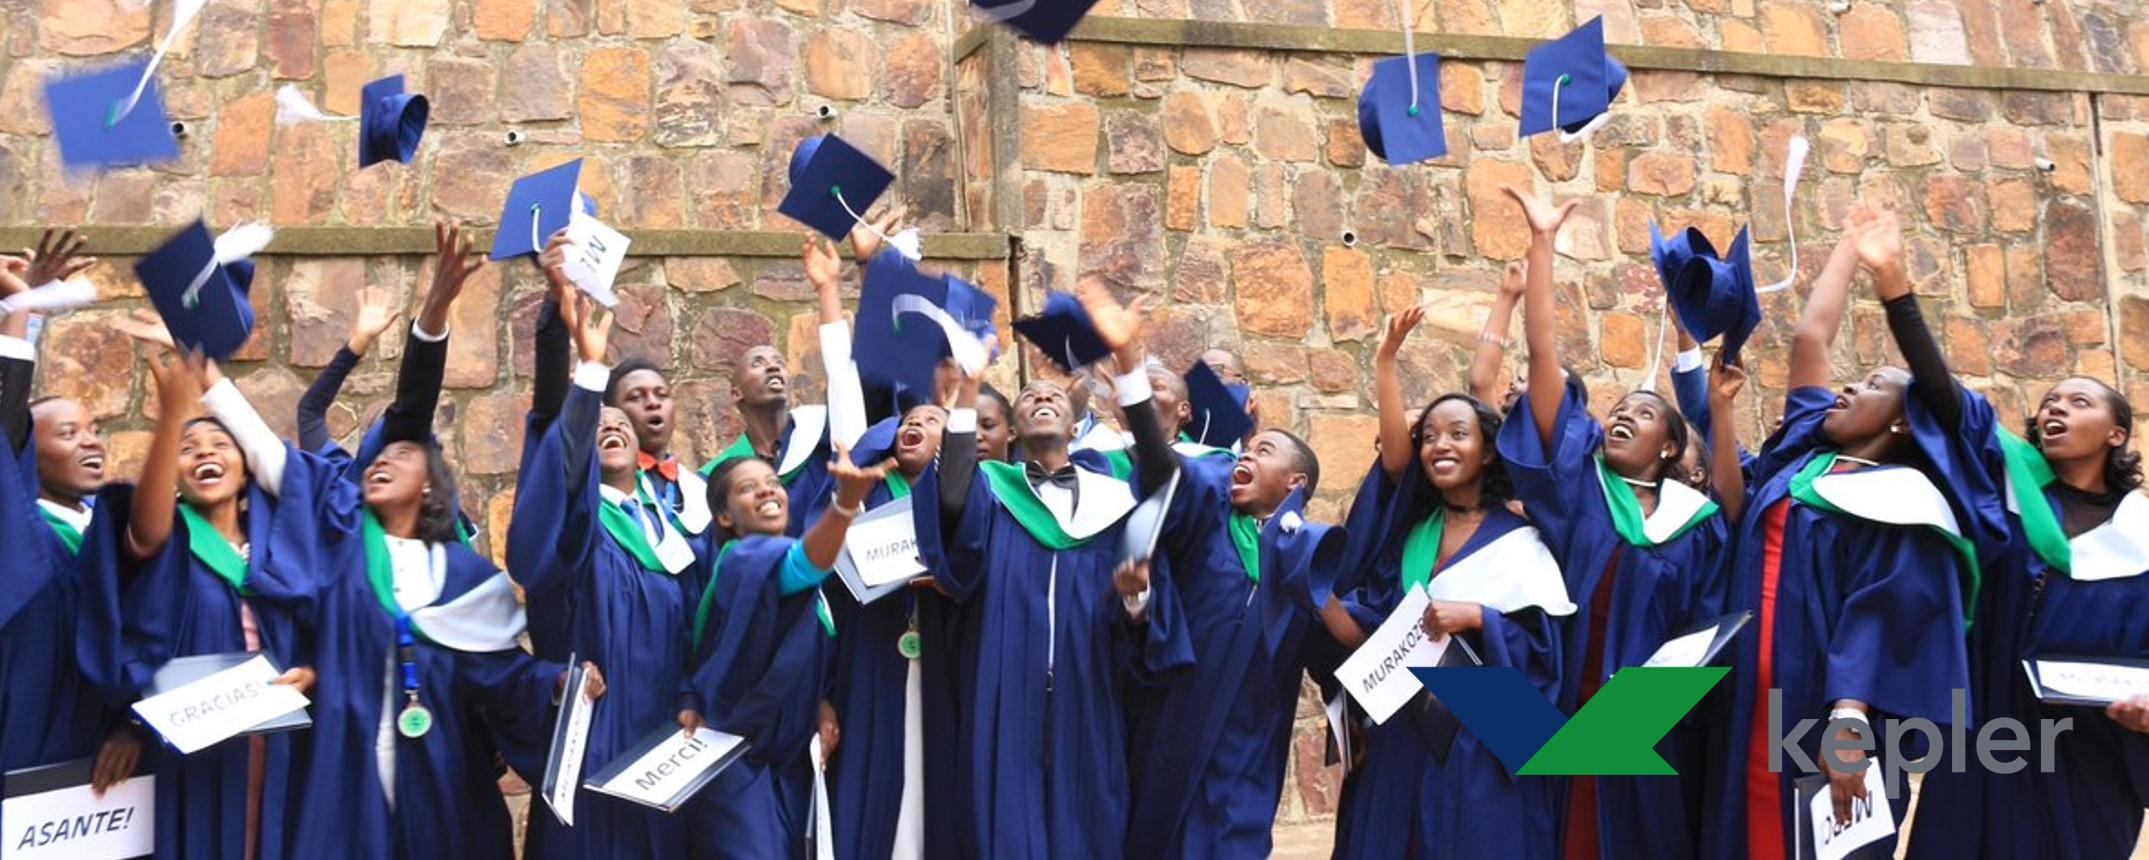 Kepler - Senior Leadership Opportunity Movemeback African opportunity cover image